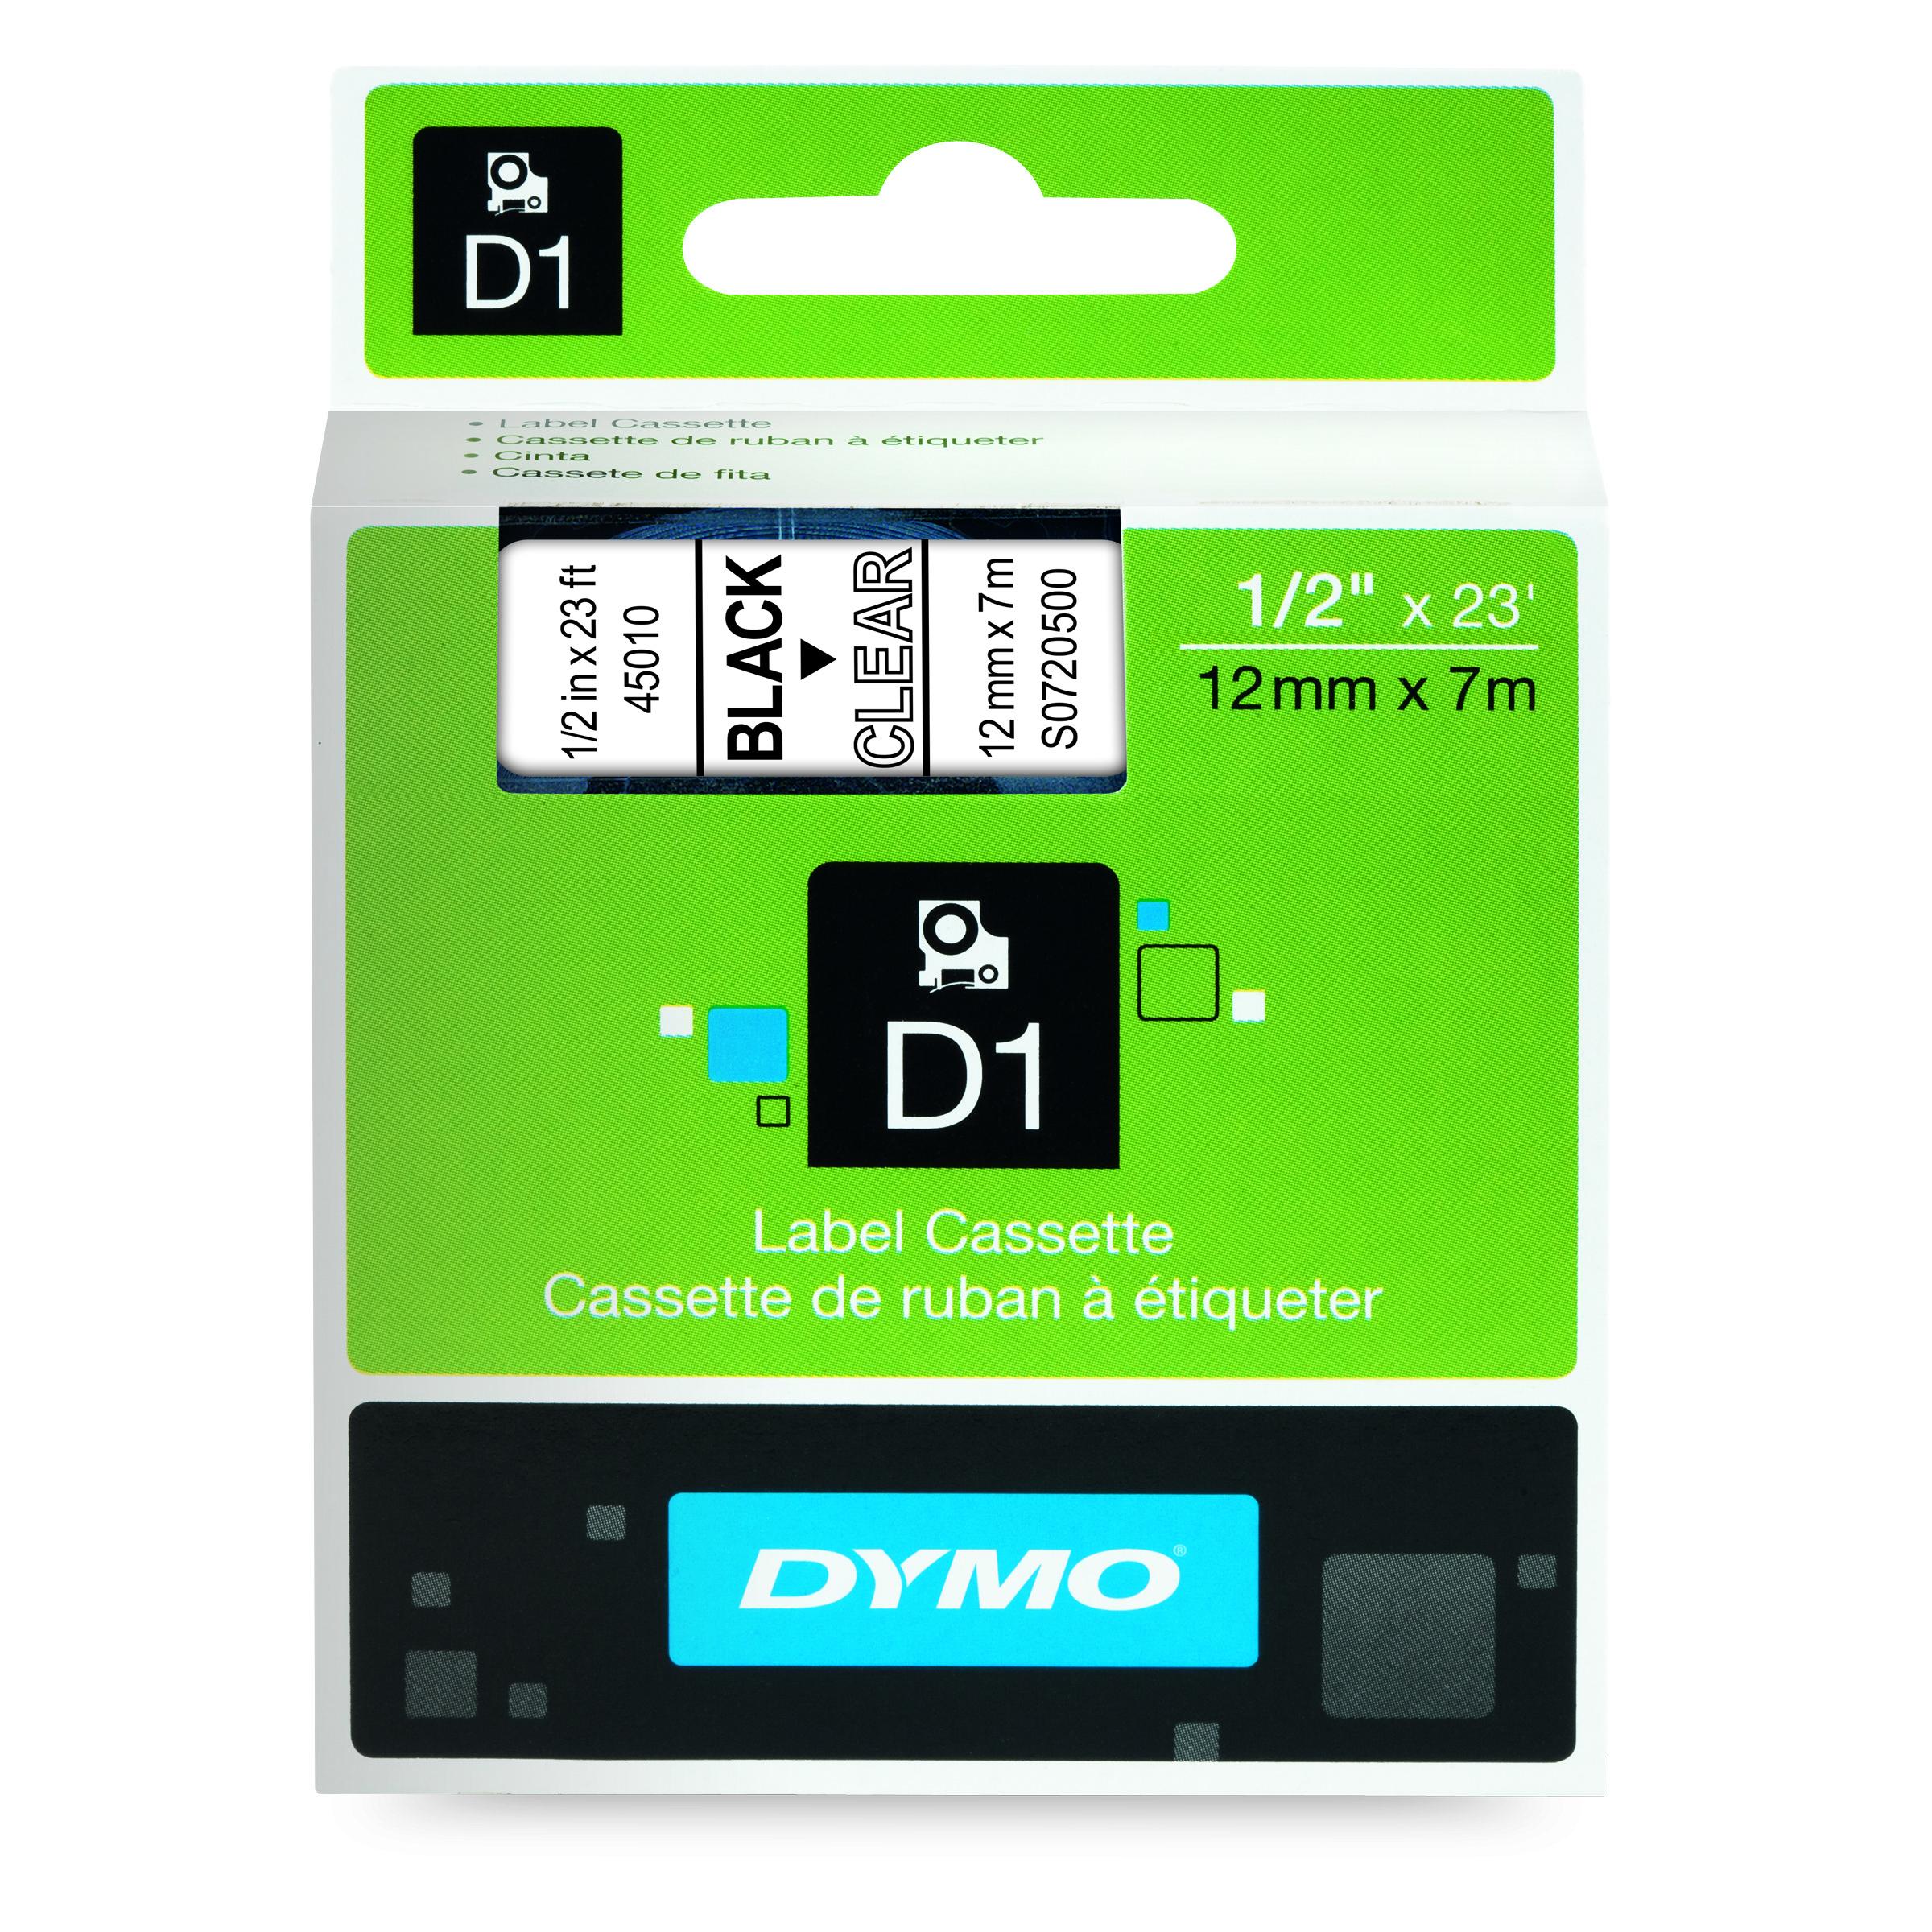 Dymo D1 - Ruban d'étiquettes auto-adhésives - 1 rouleau (12 mm x 7 m) - fond transparent écriture noire